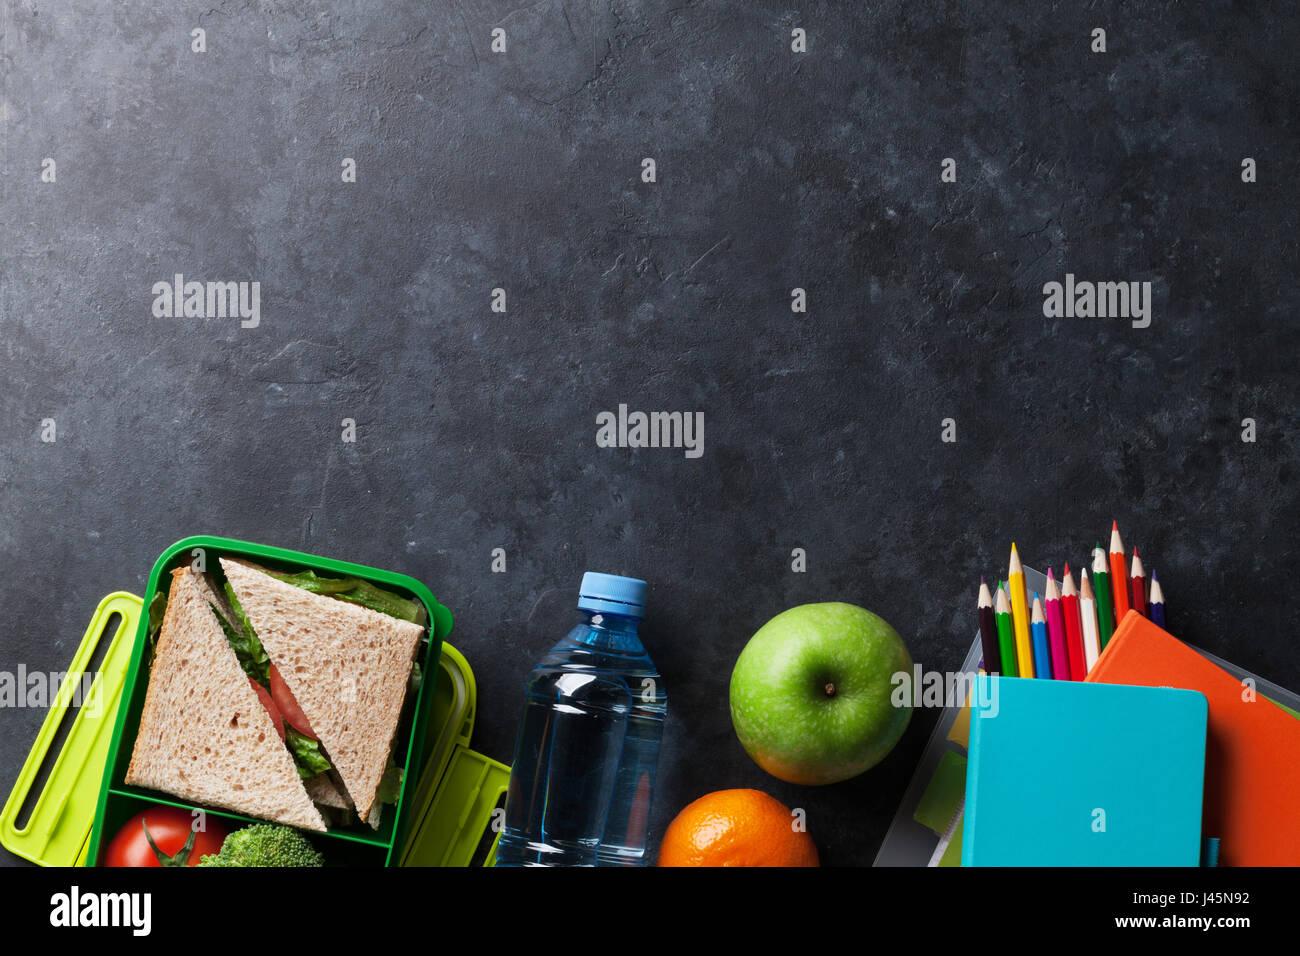 Kinder Picknick Tafel : Lunch box mit gemüse und sandwich. kinder wegnehmen